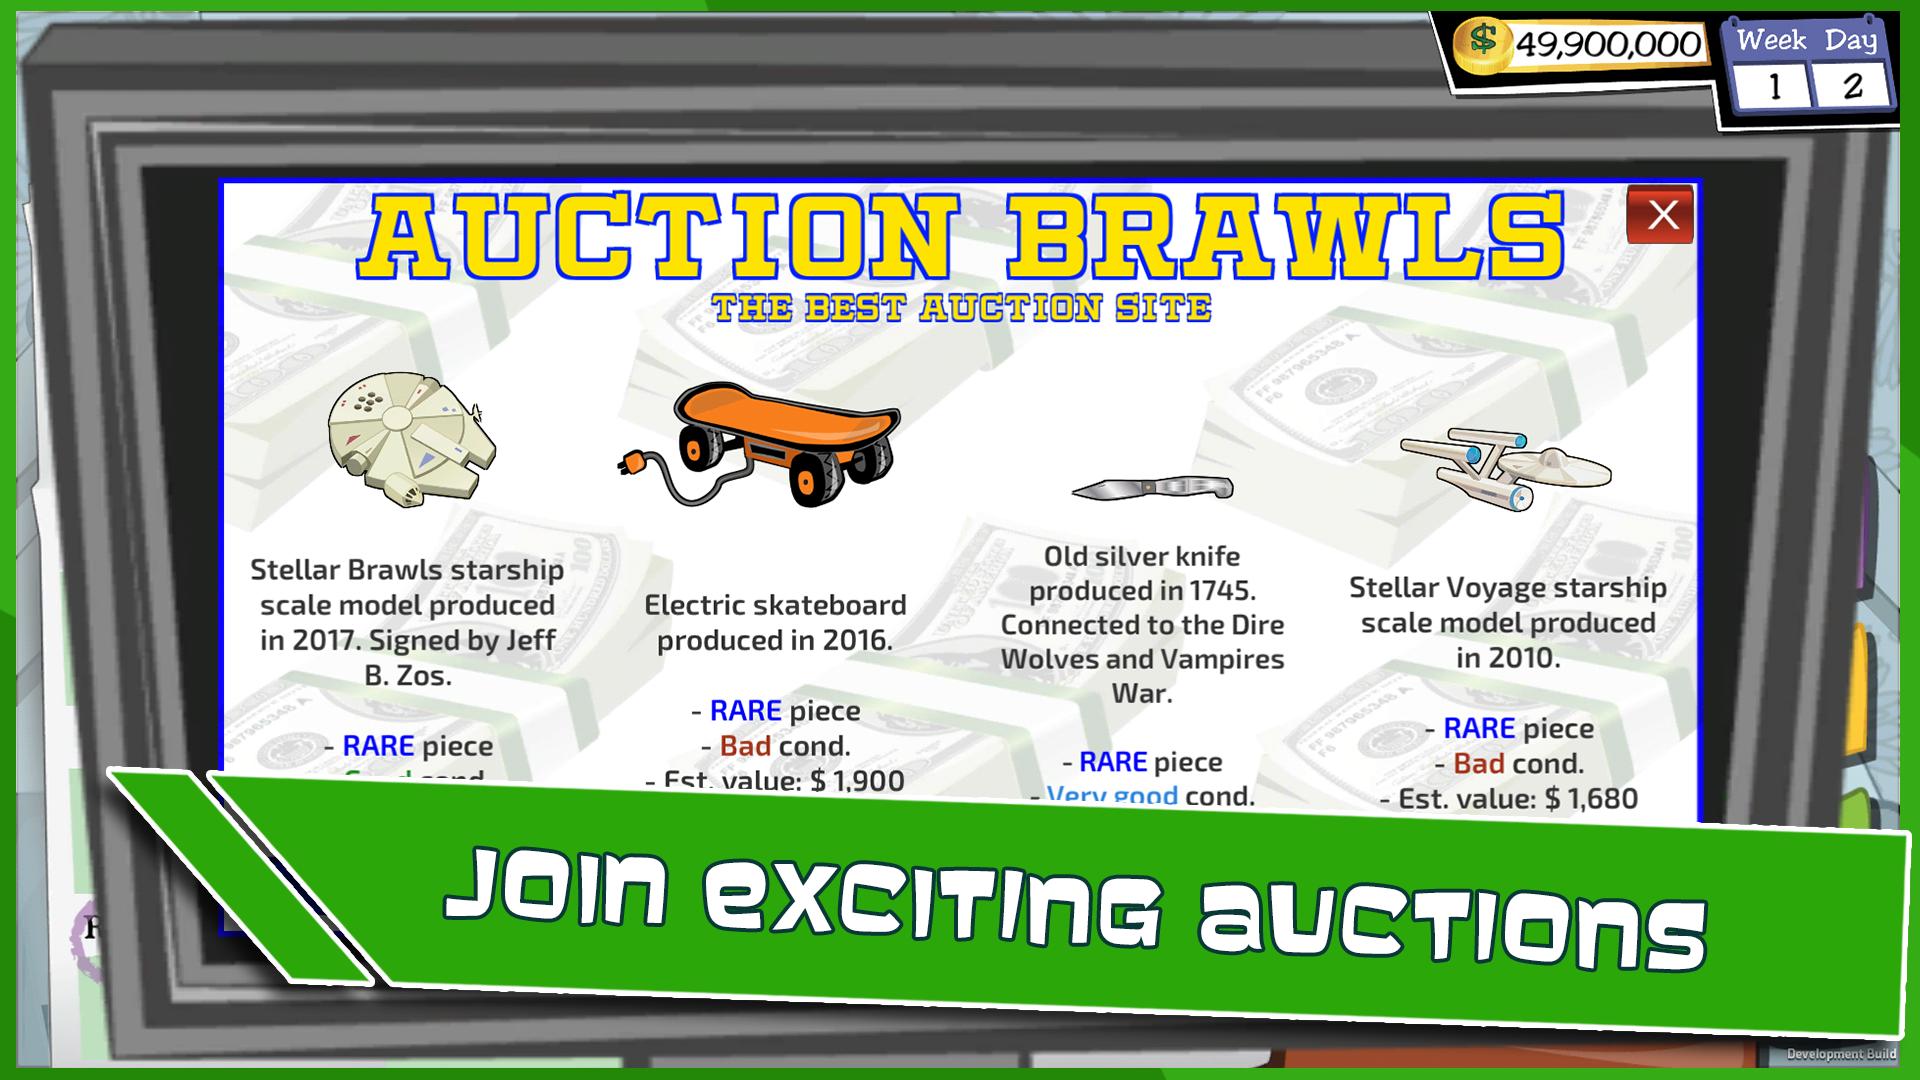 8_auctions_en.png